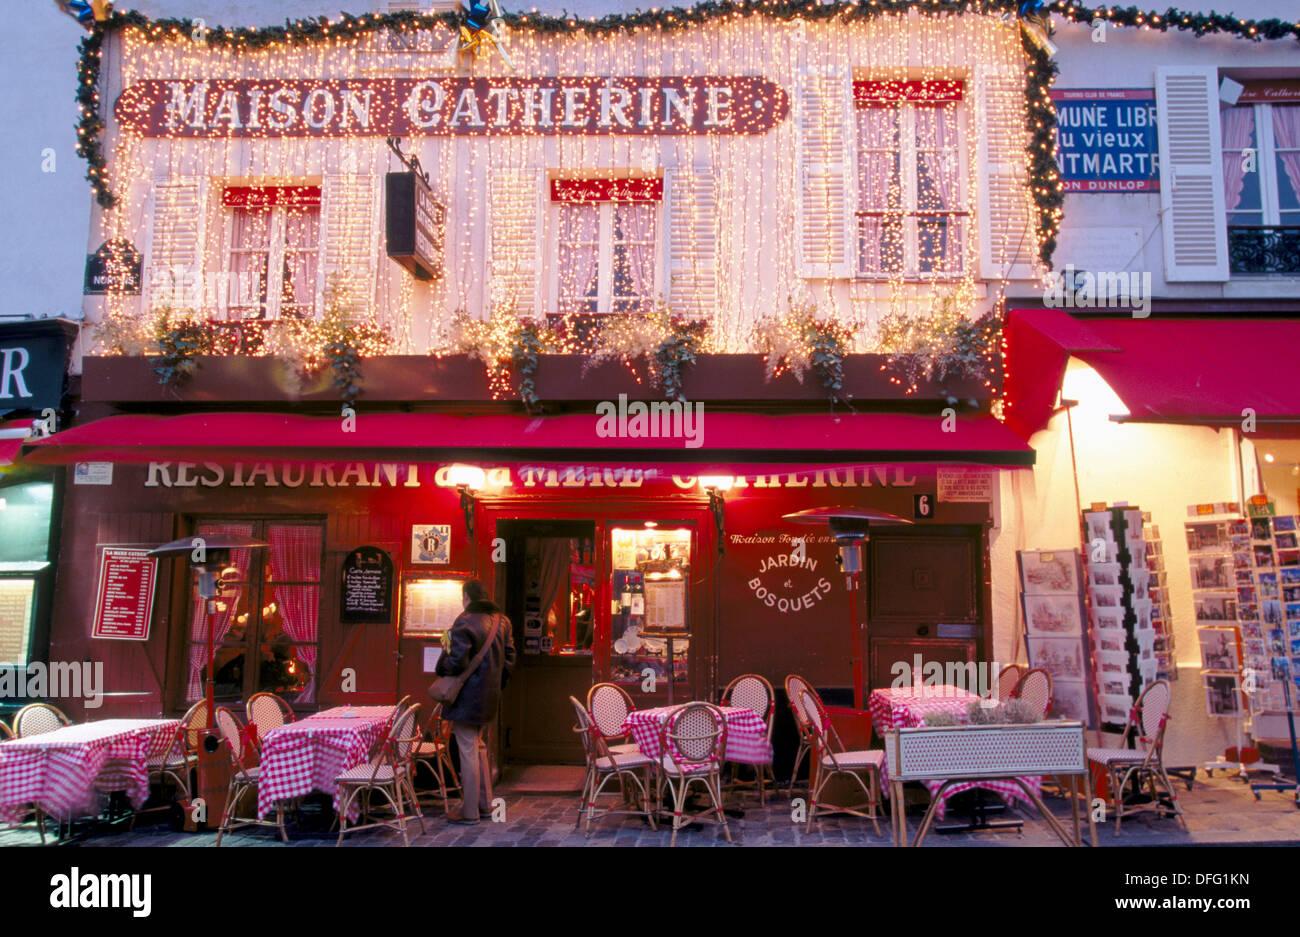 Maison catherine plaza du tertre montmartre paris for Maison du the paris